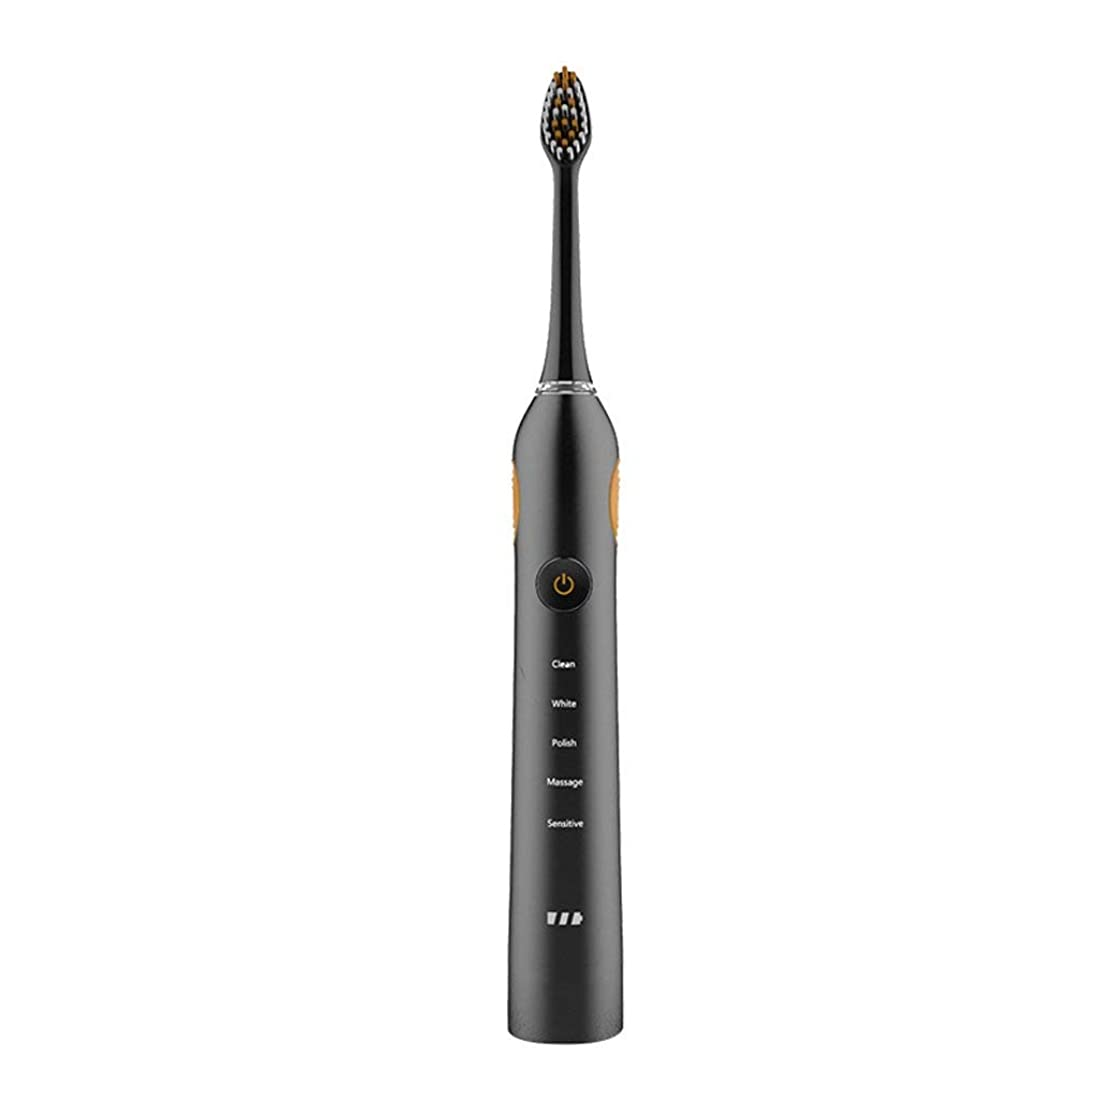 作物たるみ科学者音波歯ブラシIPX7防水電動歯ブラシ低ノイズ電動歯ブラシ2交換ヘッド5ブラッシングモード(色:B)